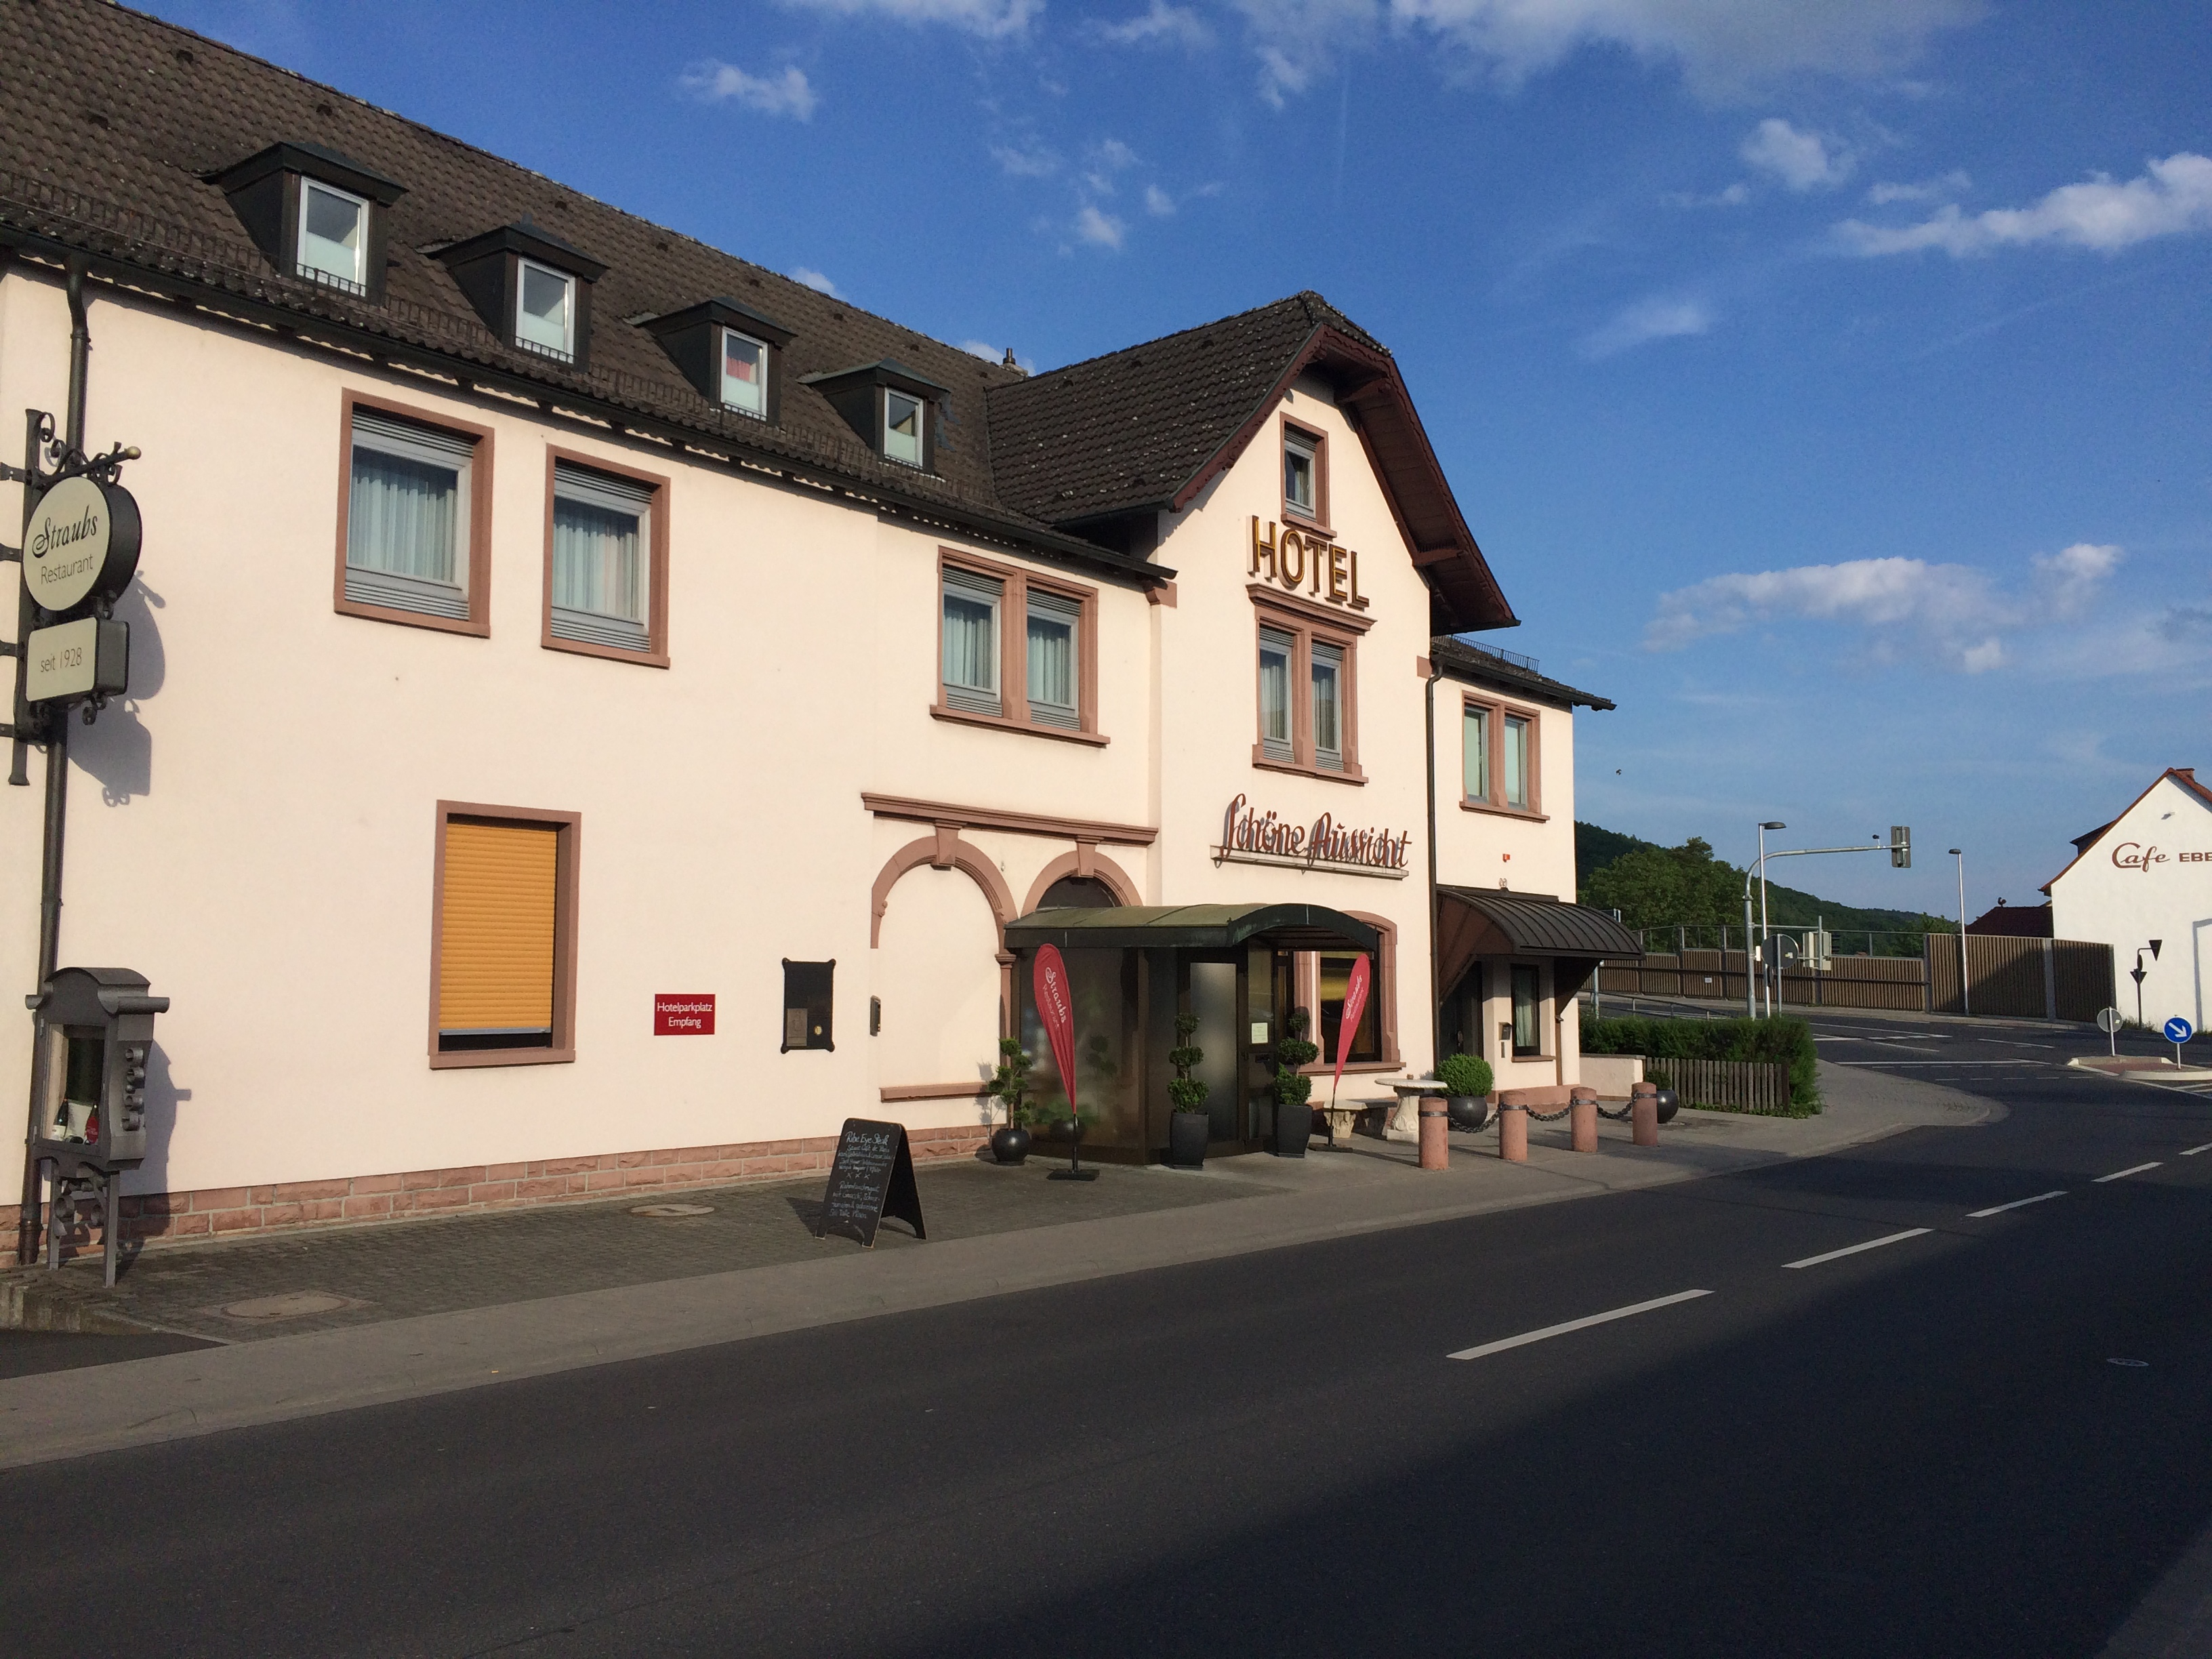 Straubs Schone Aussicht Restaurant In 63911 Klingenberg Am Main